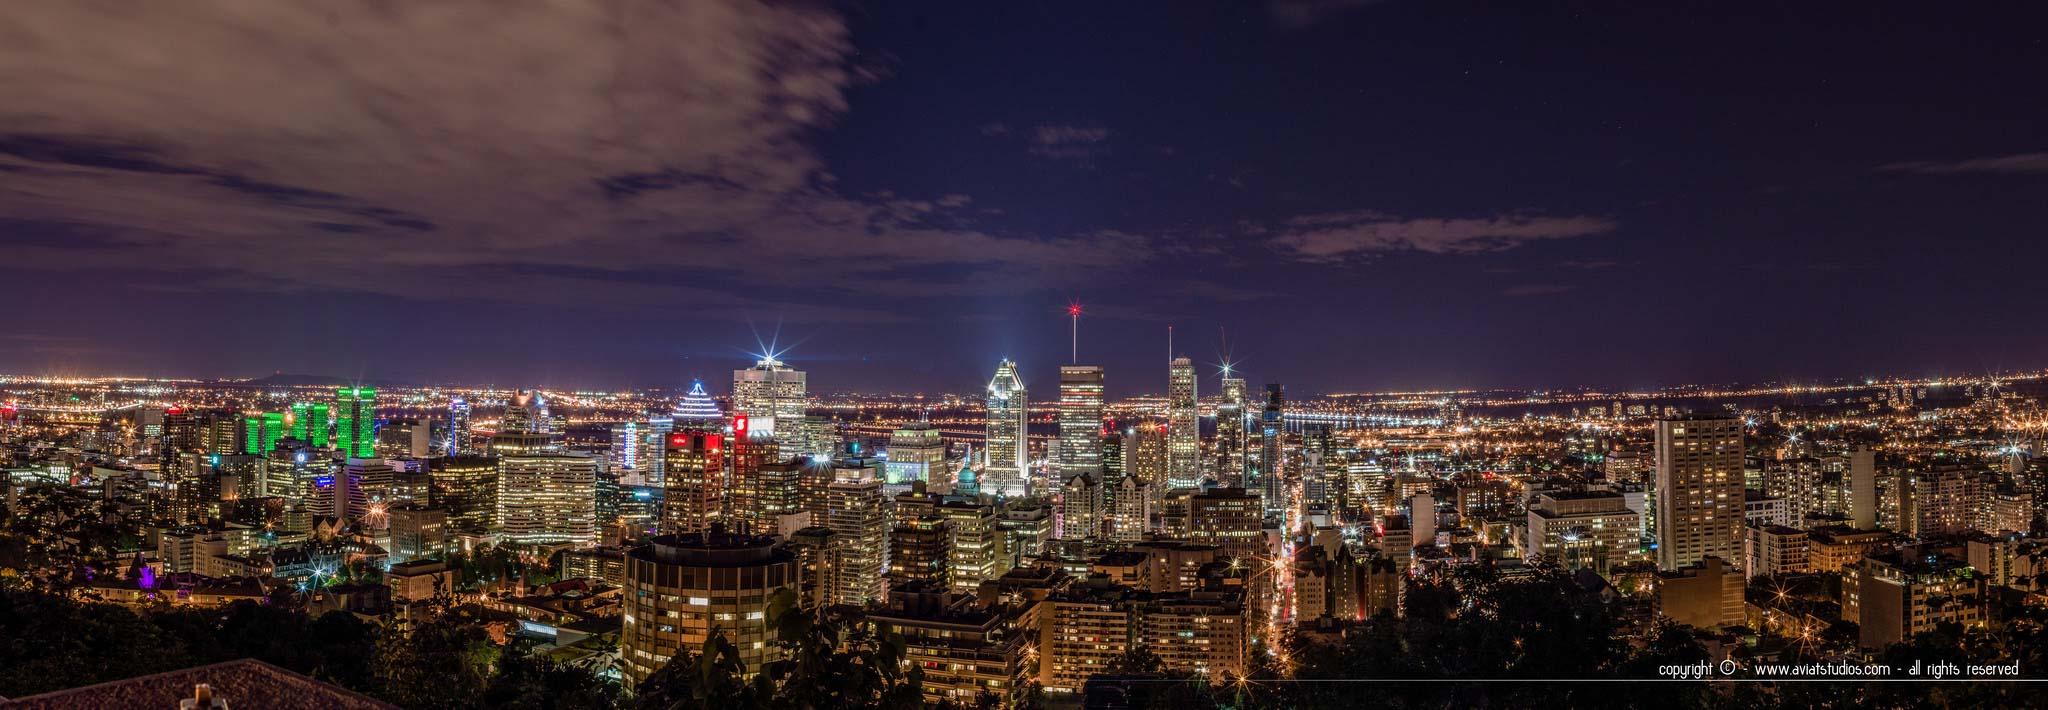 Voyage à Montréal - Vue panoramique nocturne